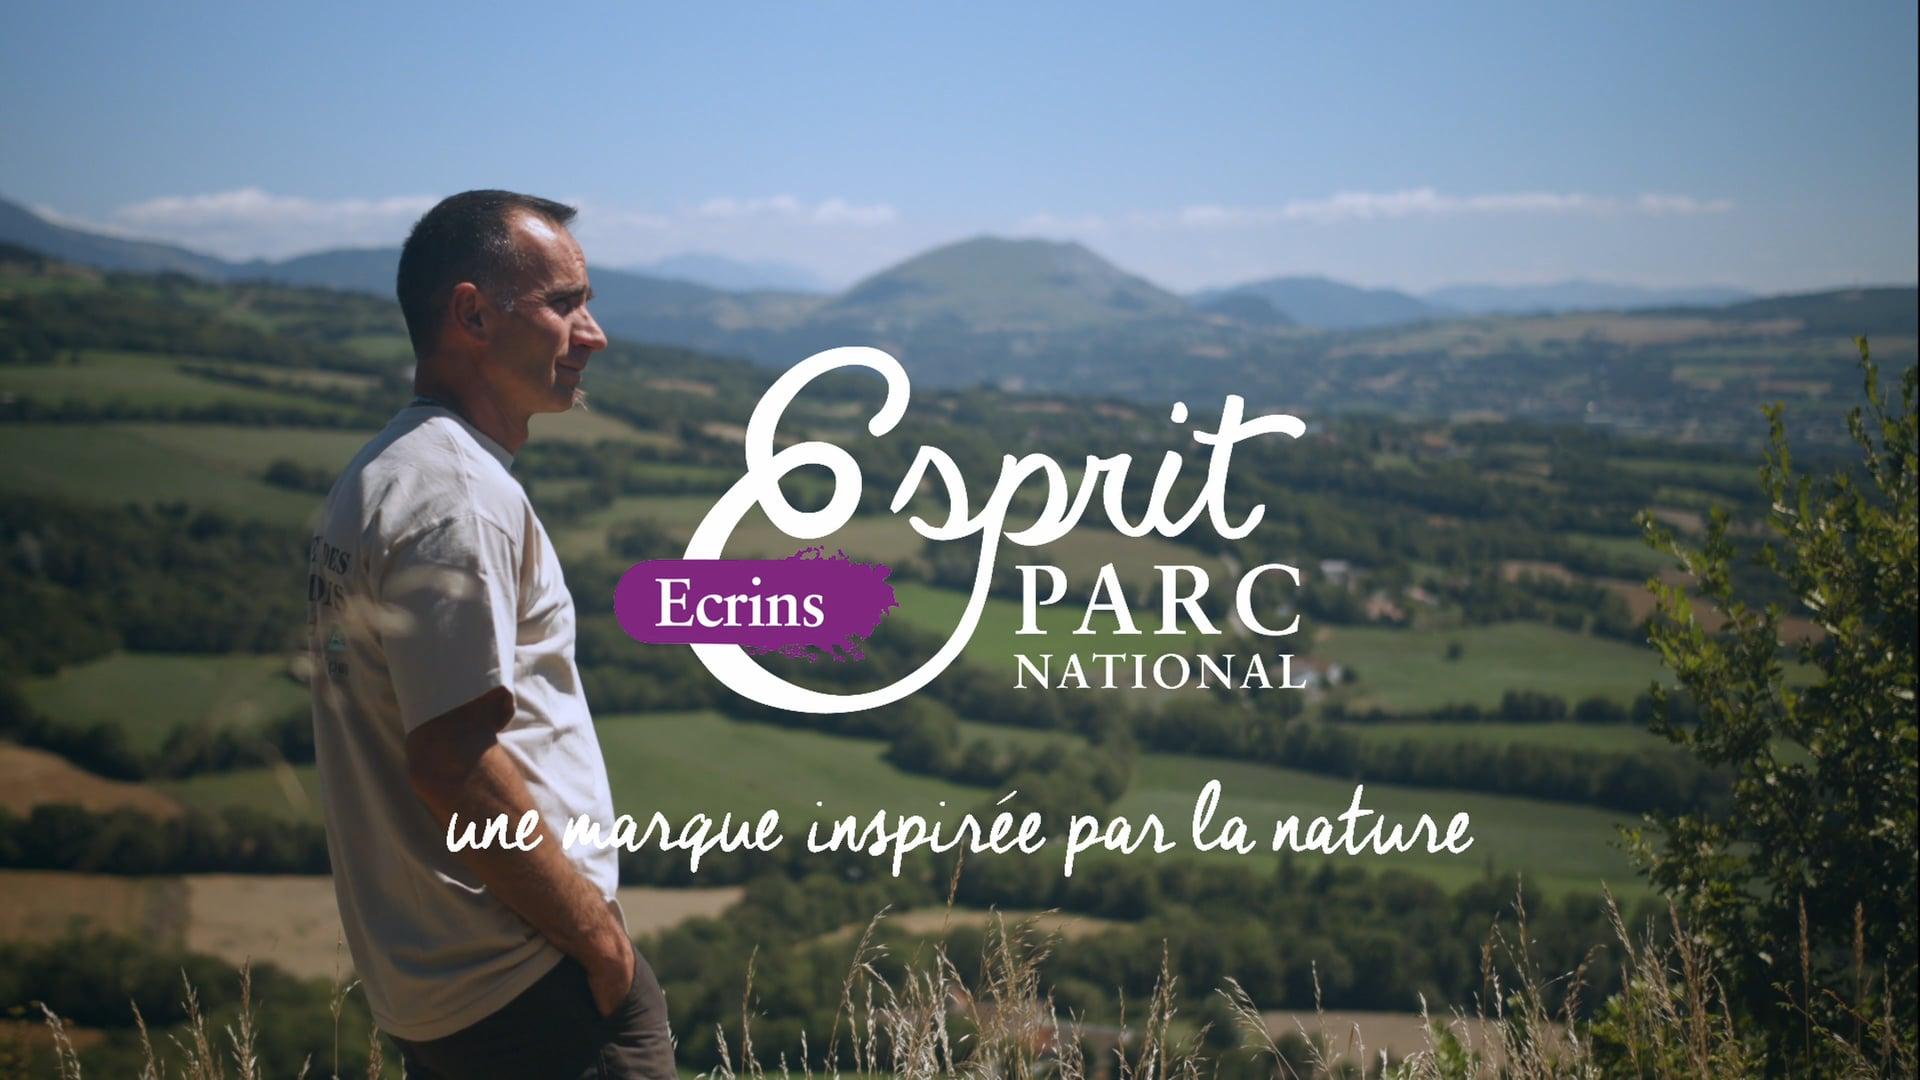 Esprit Parc National – Le Portrait de Paul